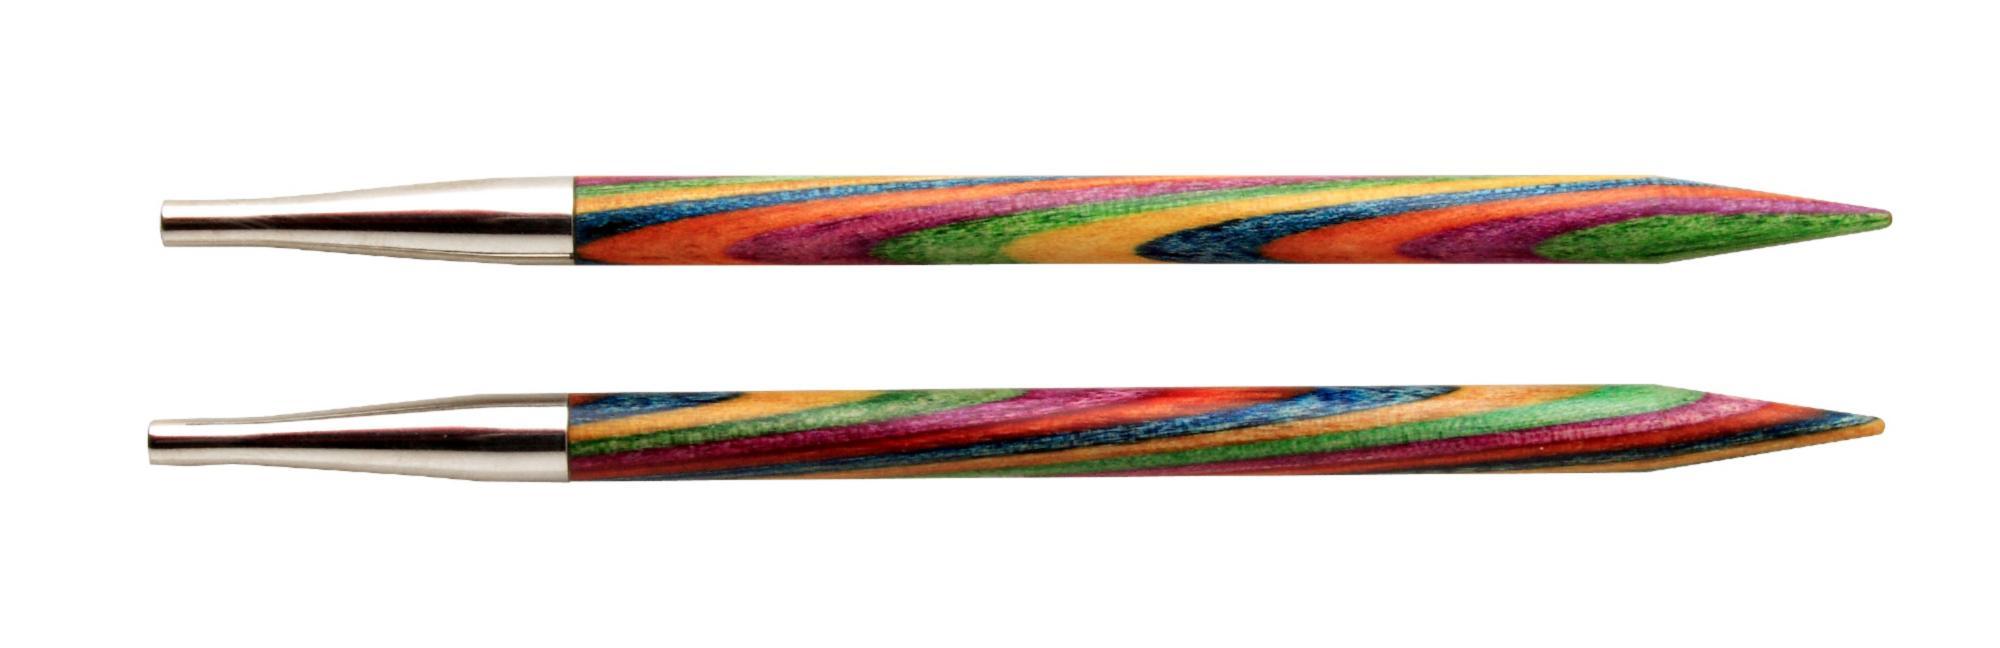 Спицы съемные Symfonie Wood KnitPro, 20406, 5.50 мм